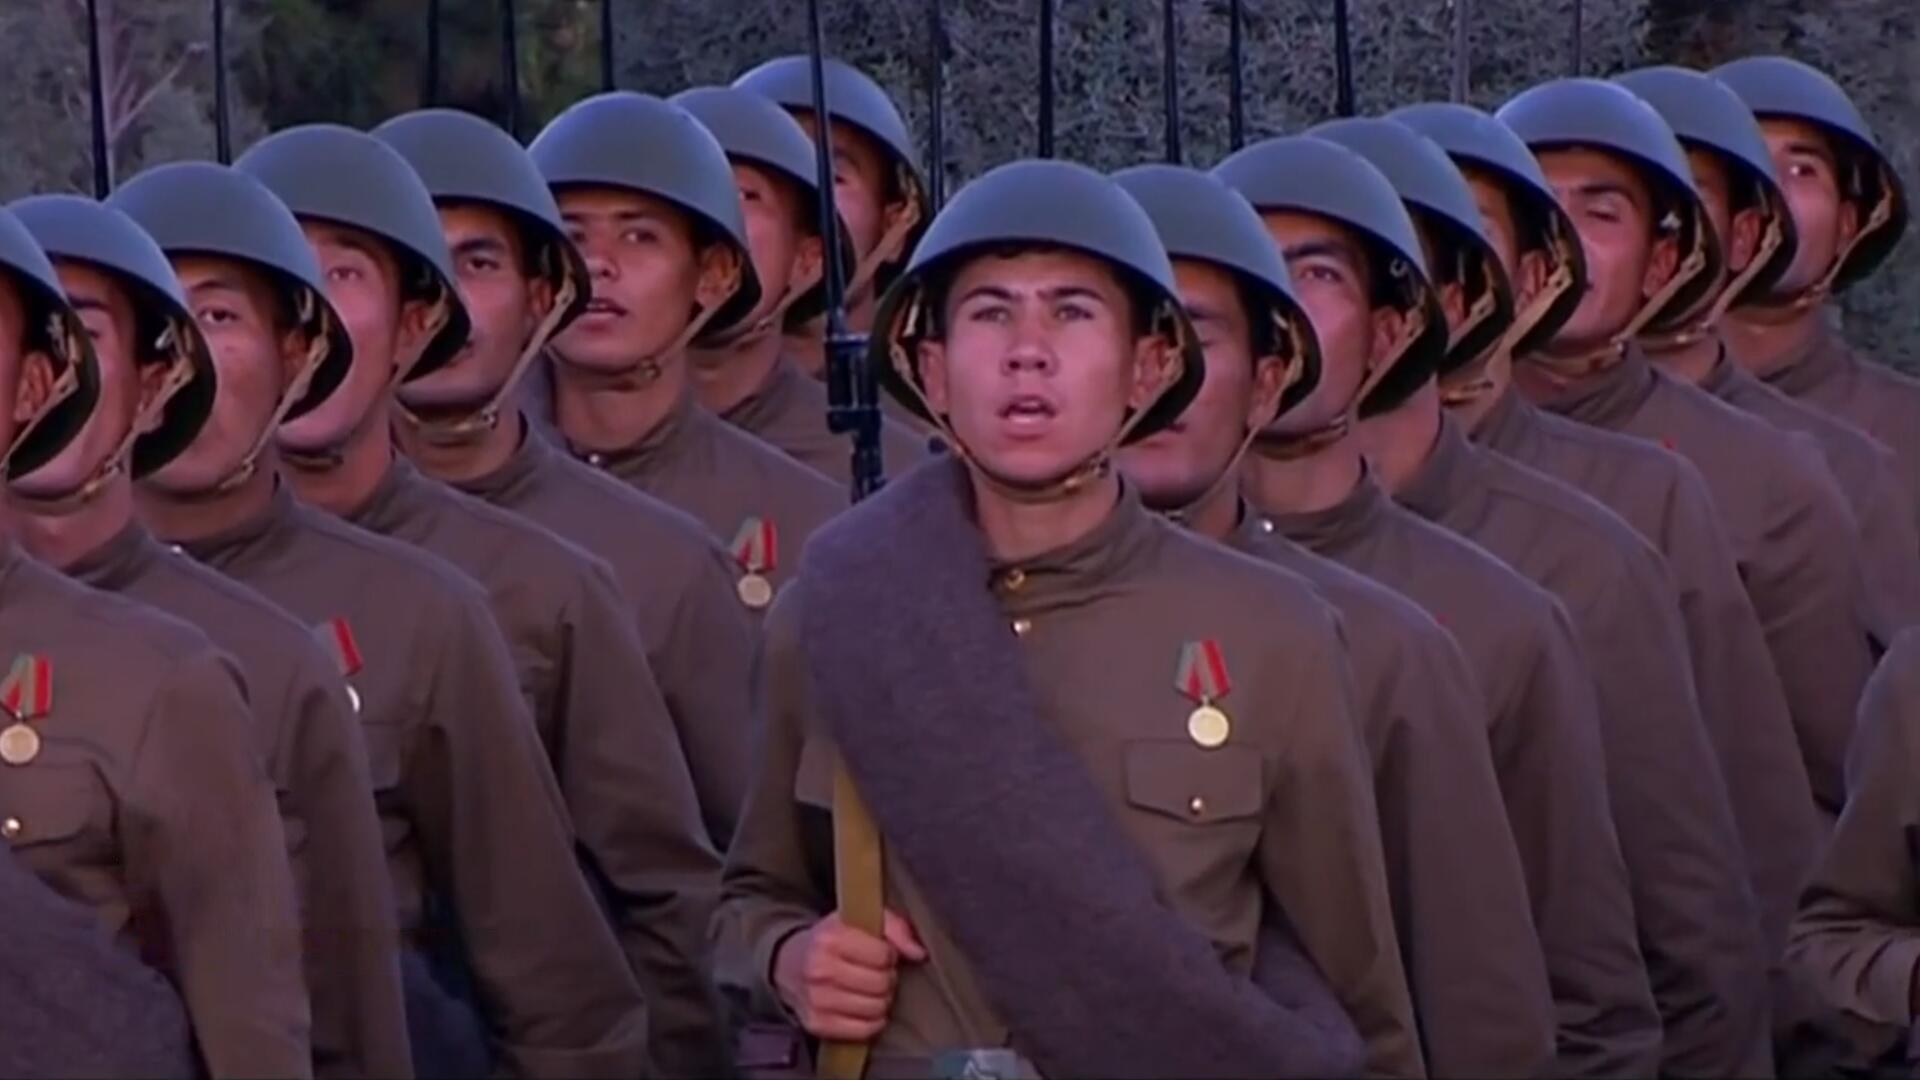 土库曼斯坦2020年举行阅兵仪式,各个受阅方队整齐列队的镜头!